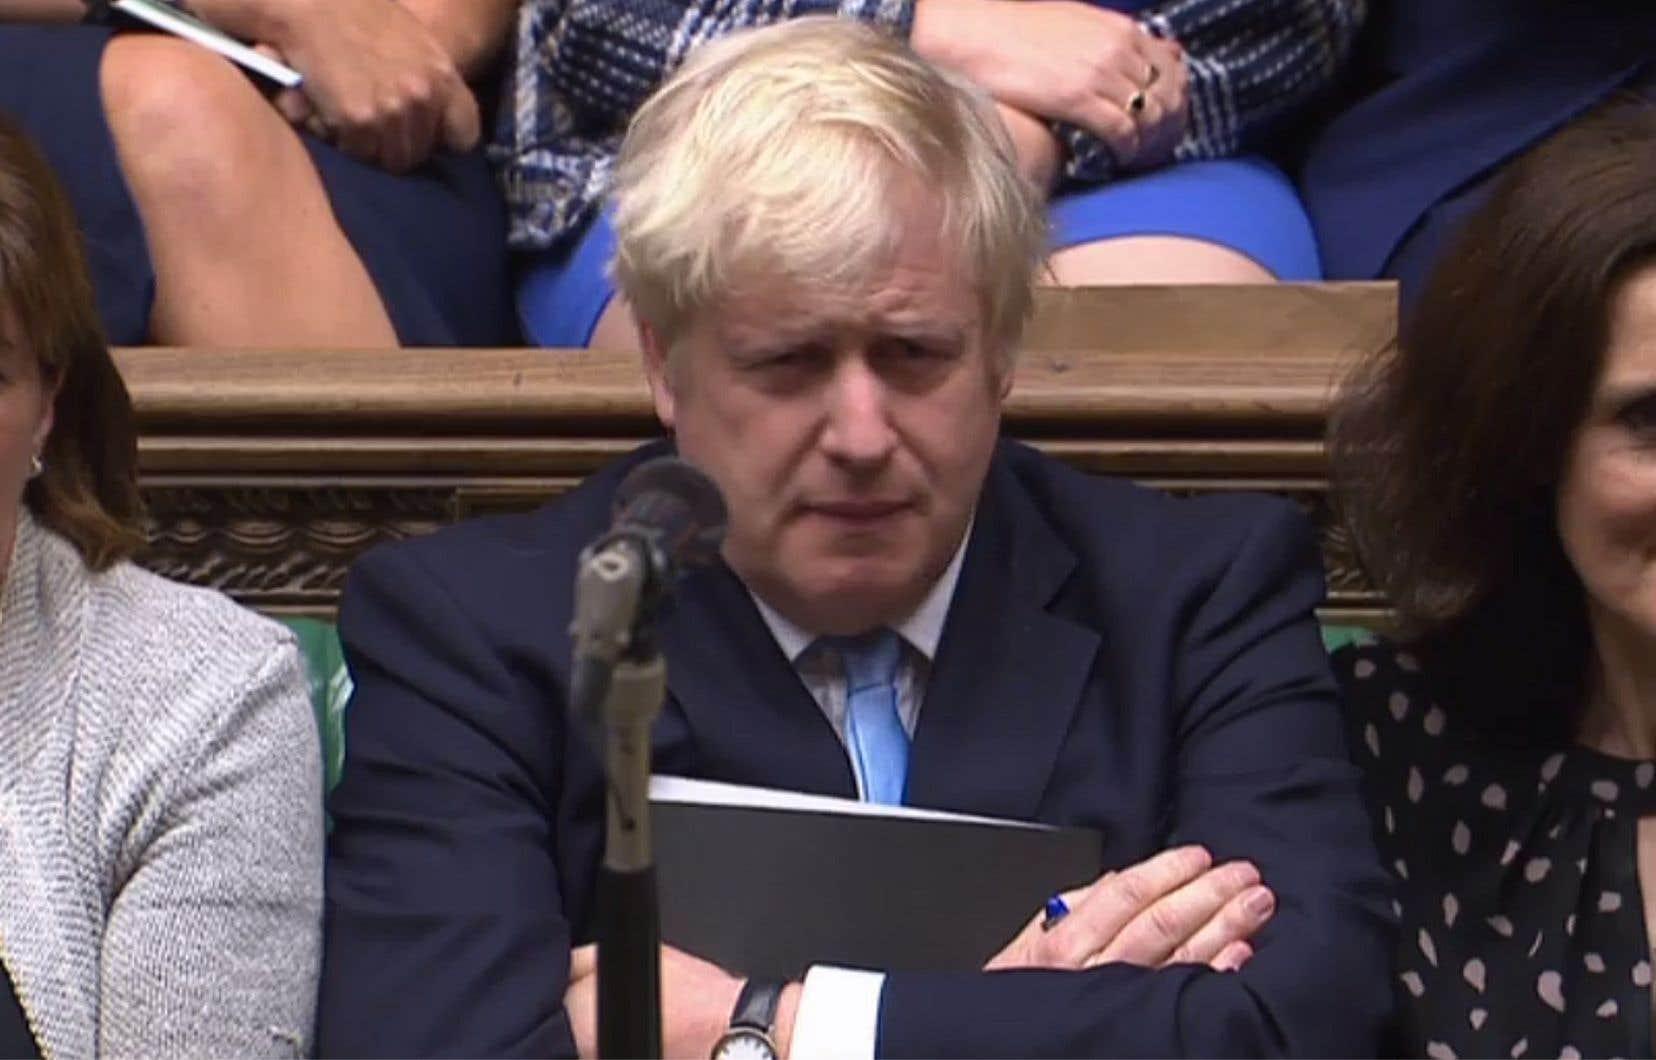 Il s'agit de la première victoire judiciaire des opposants à cette suspension très controversée du Parlement, qualifiée par ses opposants de manoeuvre de Boris Johnson visant à les empêcher de bloquer un Brexit sans accord.